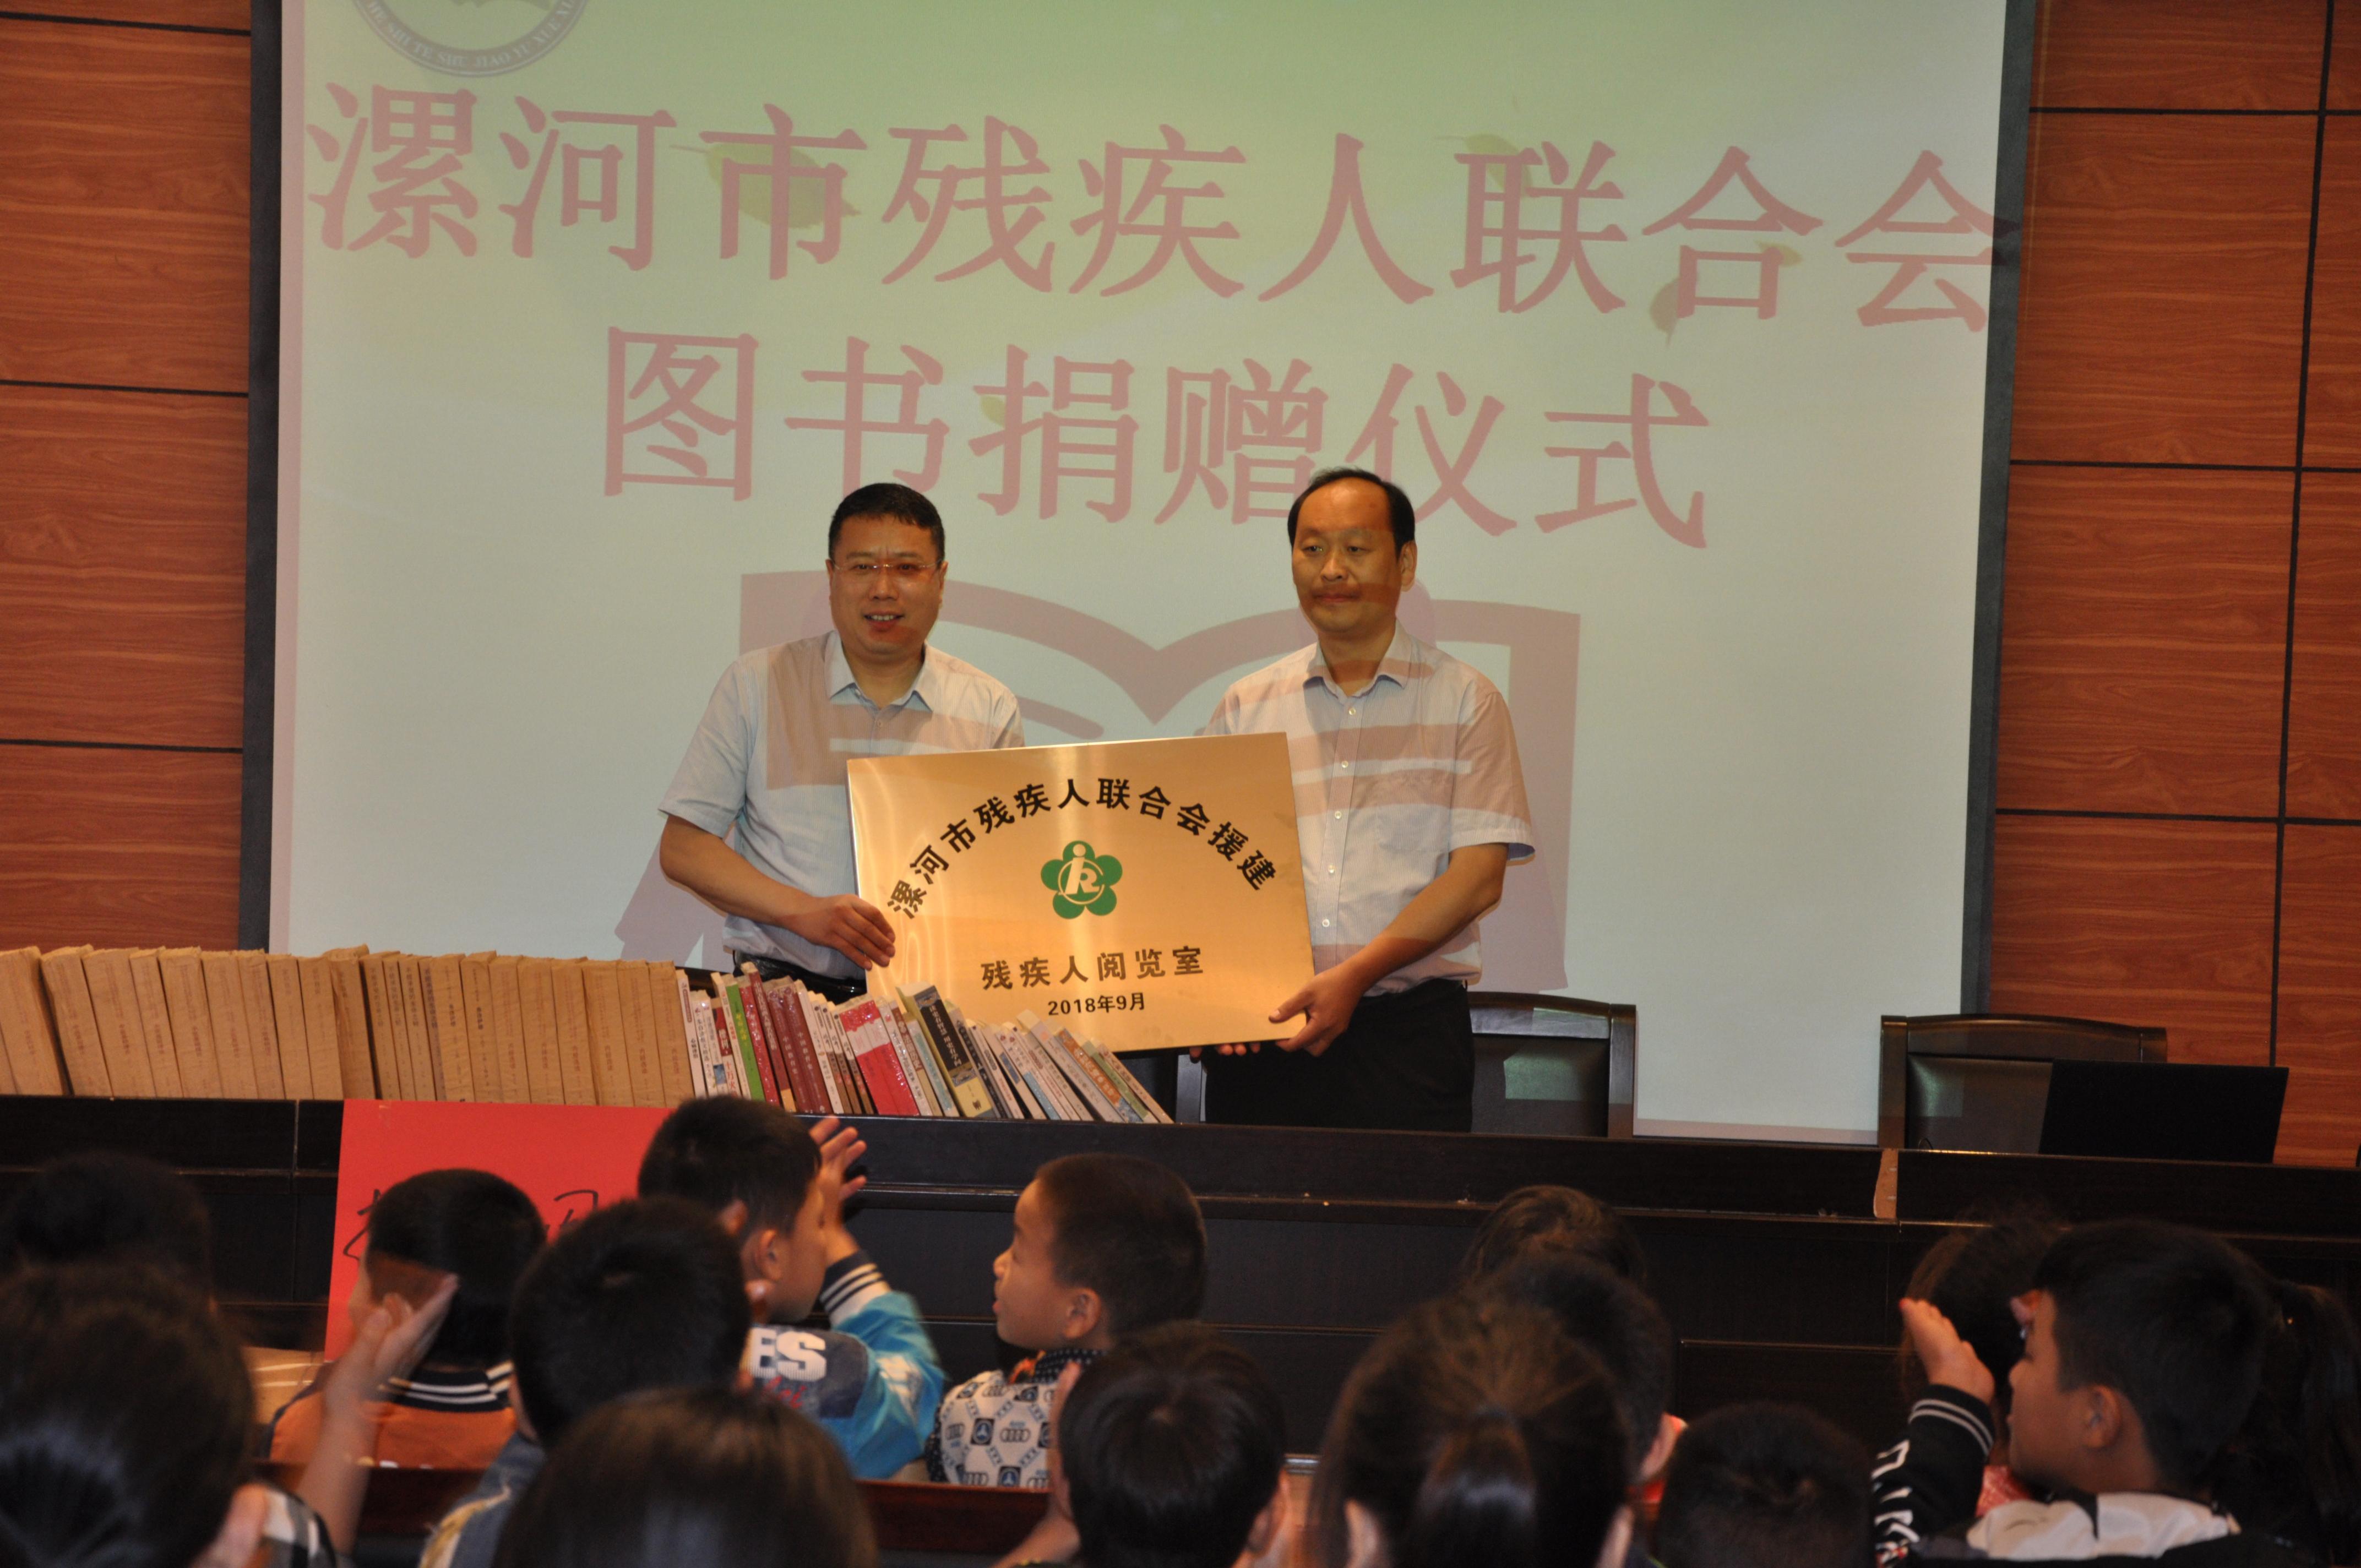 漯河市残联开展爱心图书捐赠活动